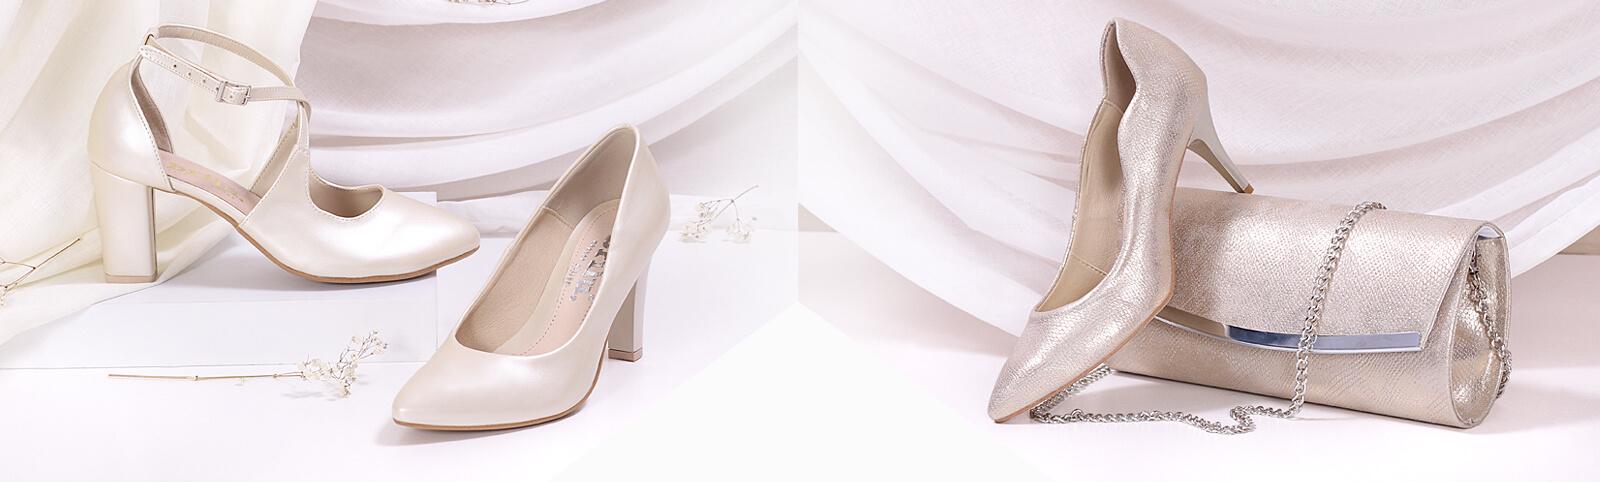 e28ebd6e99d14 Przewodnik po butach ślubnych: Part 2. Złote czółenka ślubne. Moda damska